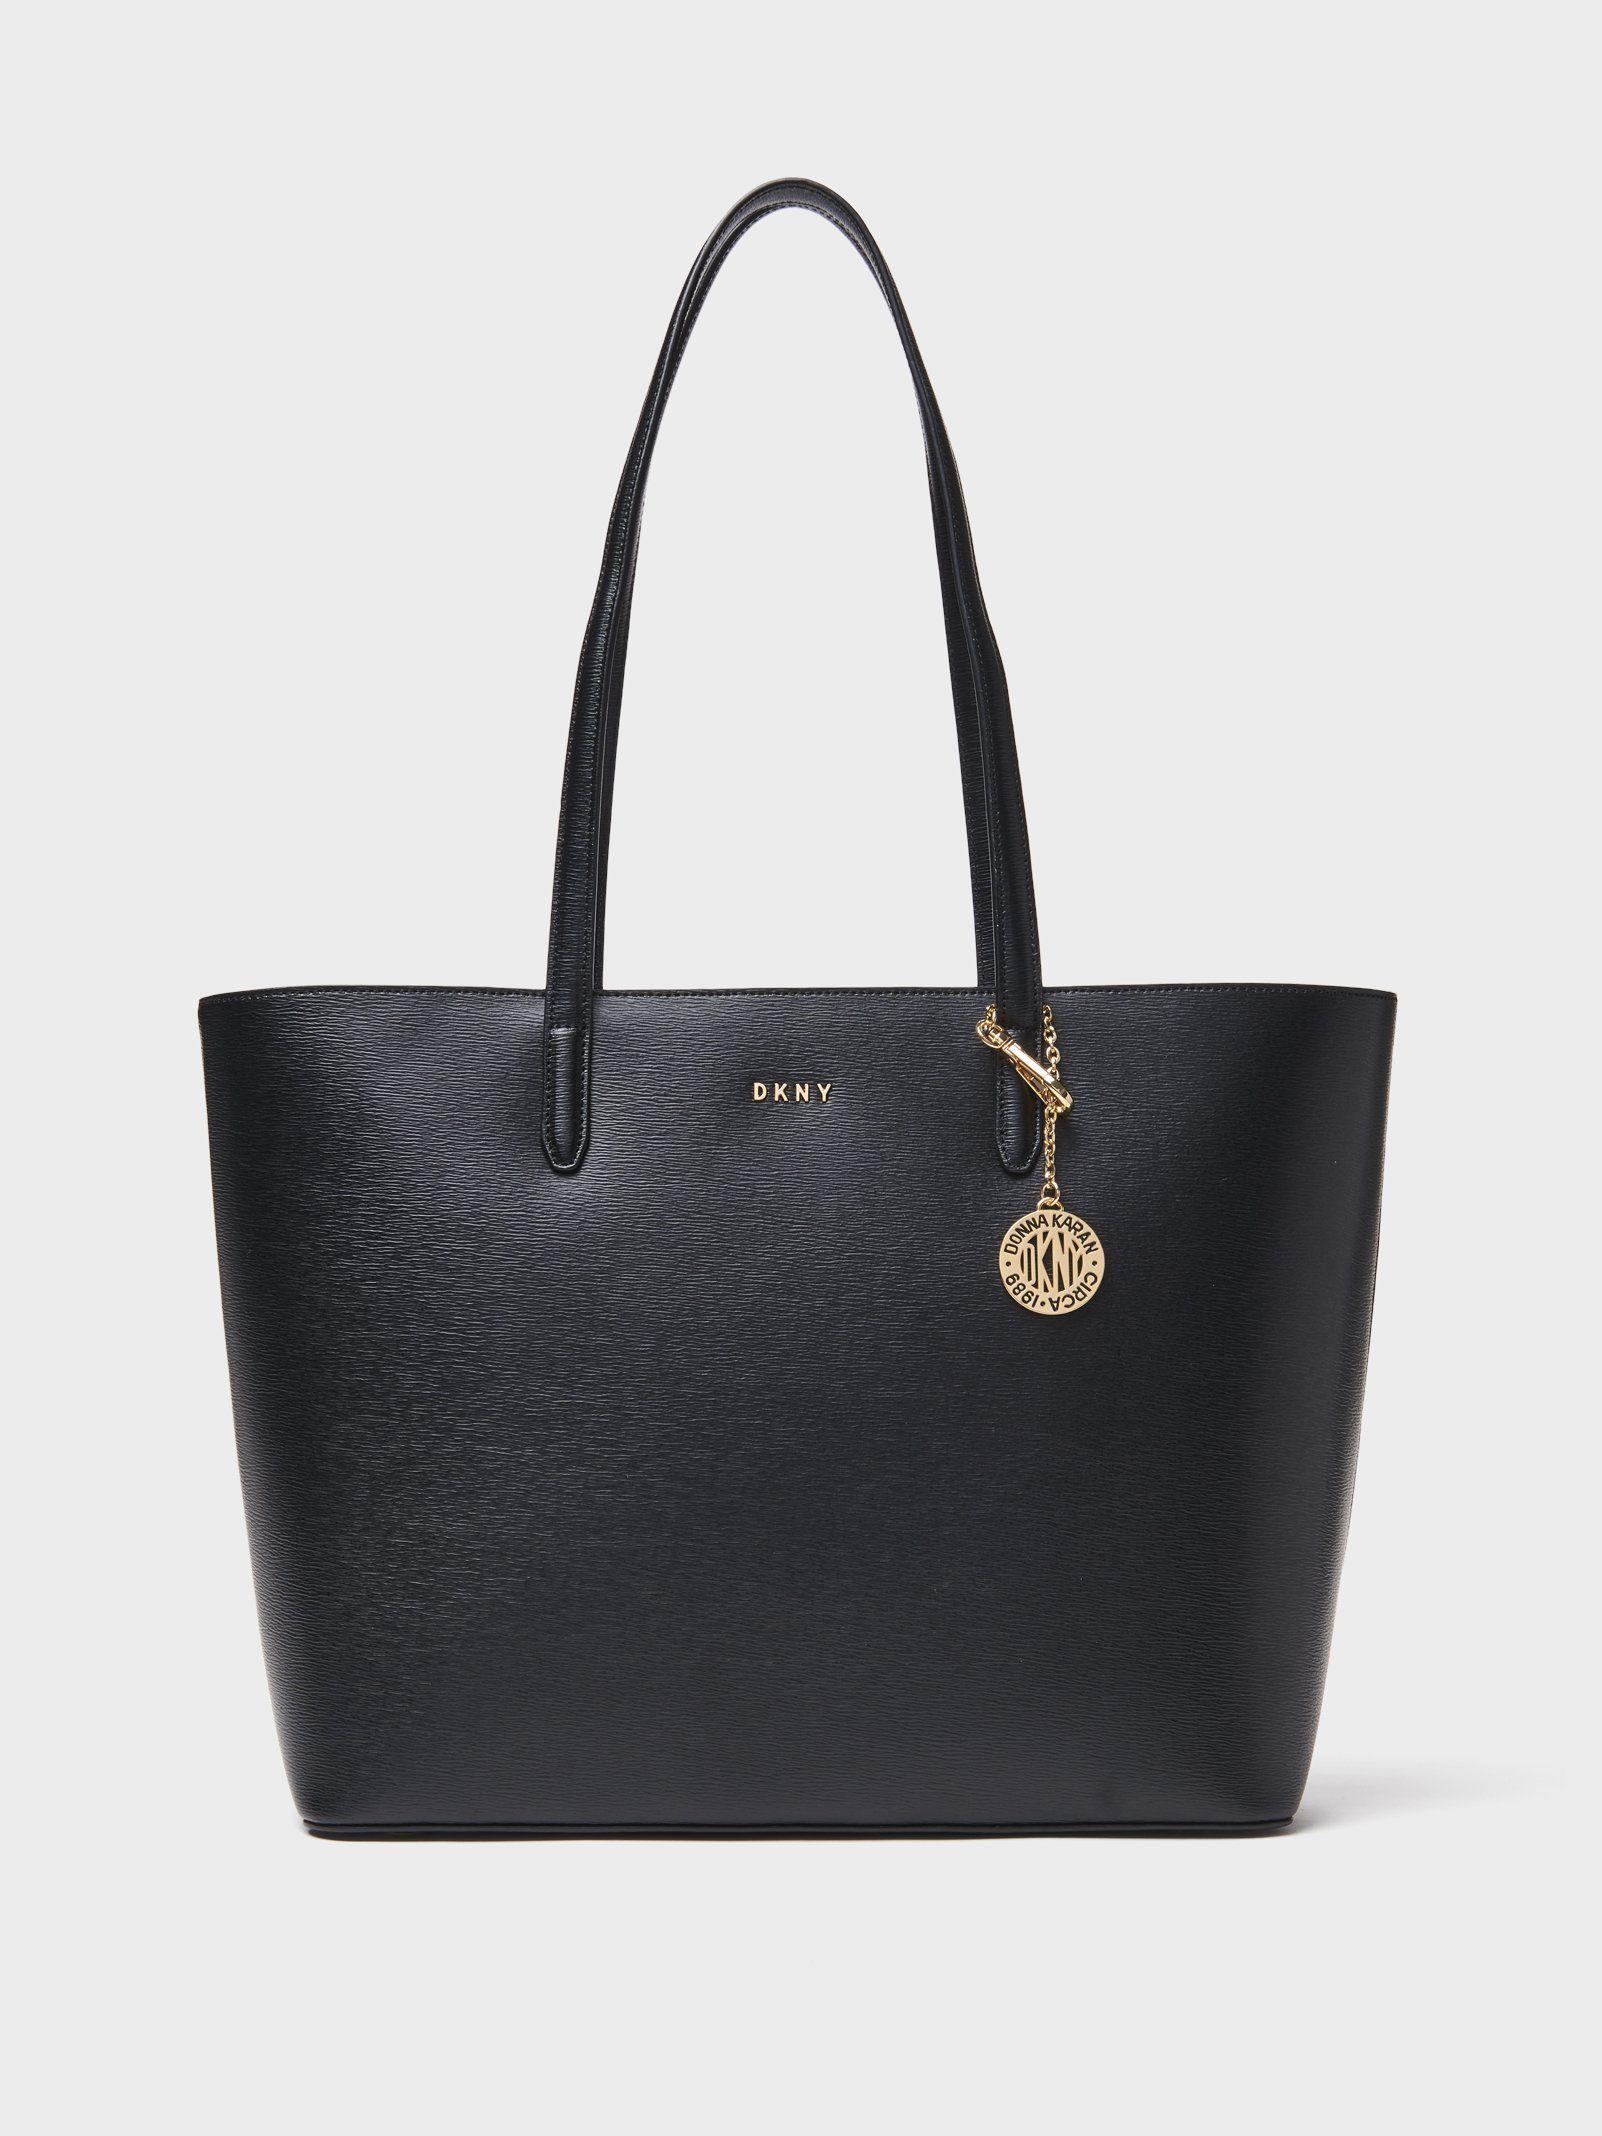 bfb00ac46dd5 Сумка DKNY Sutton Large Tote. Цвет черный купить в официальном ...